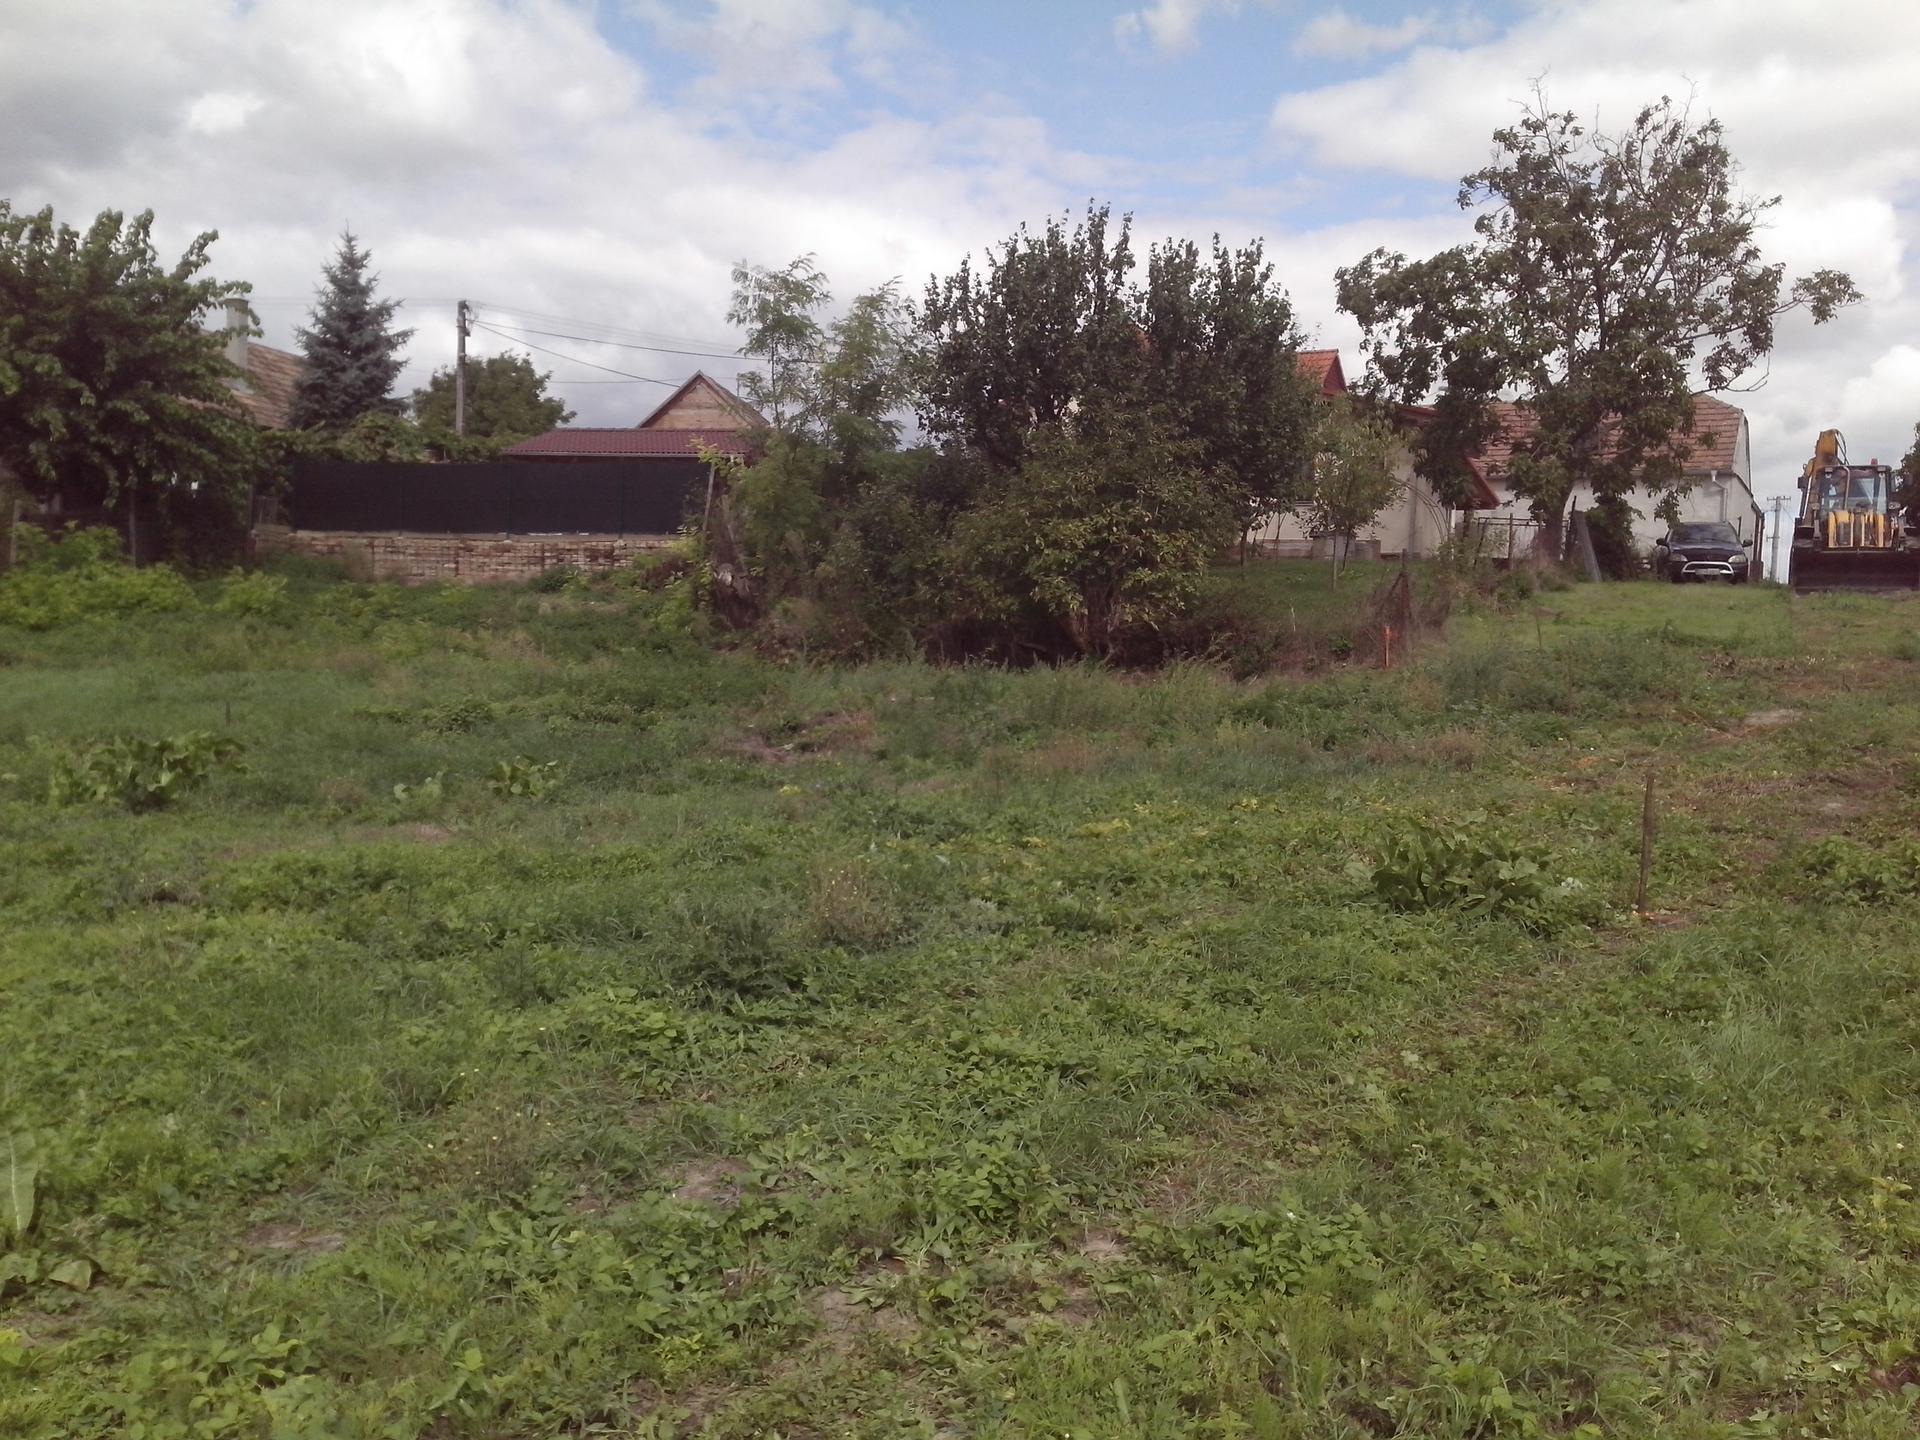 Pivnicka v záhrade - povodny teren este bez domu cca 7 rokov dozadu...